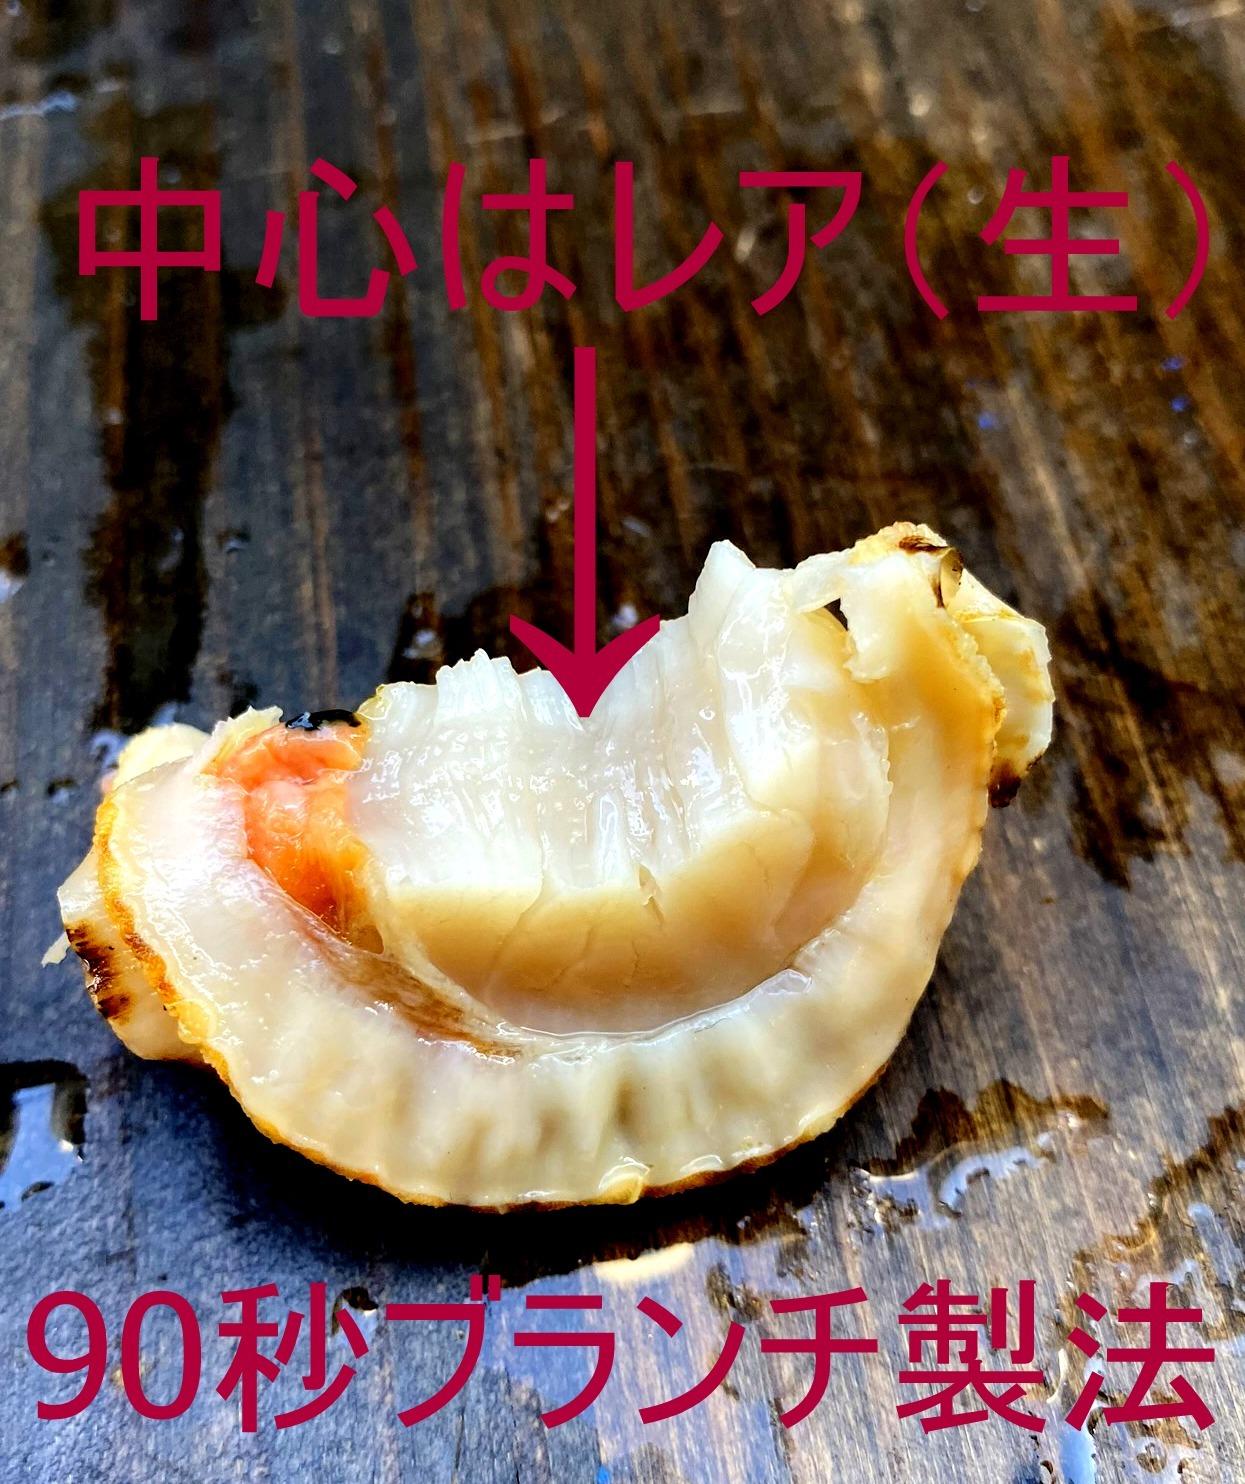 (0035)冷凍むき身帆立貝(生食可)90秒ブランチ製法 1kg(40〜50個入)